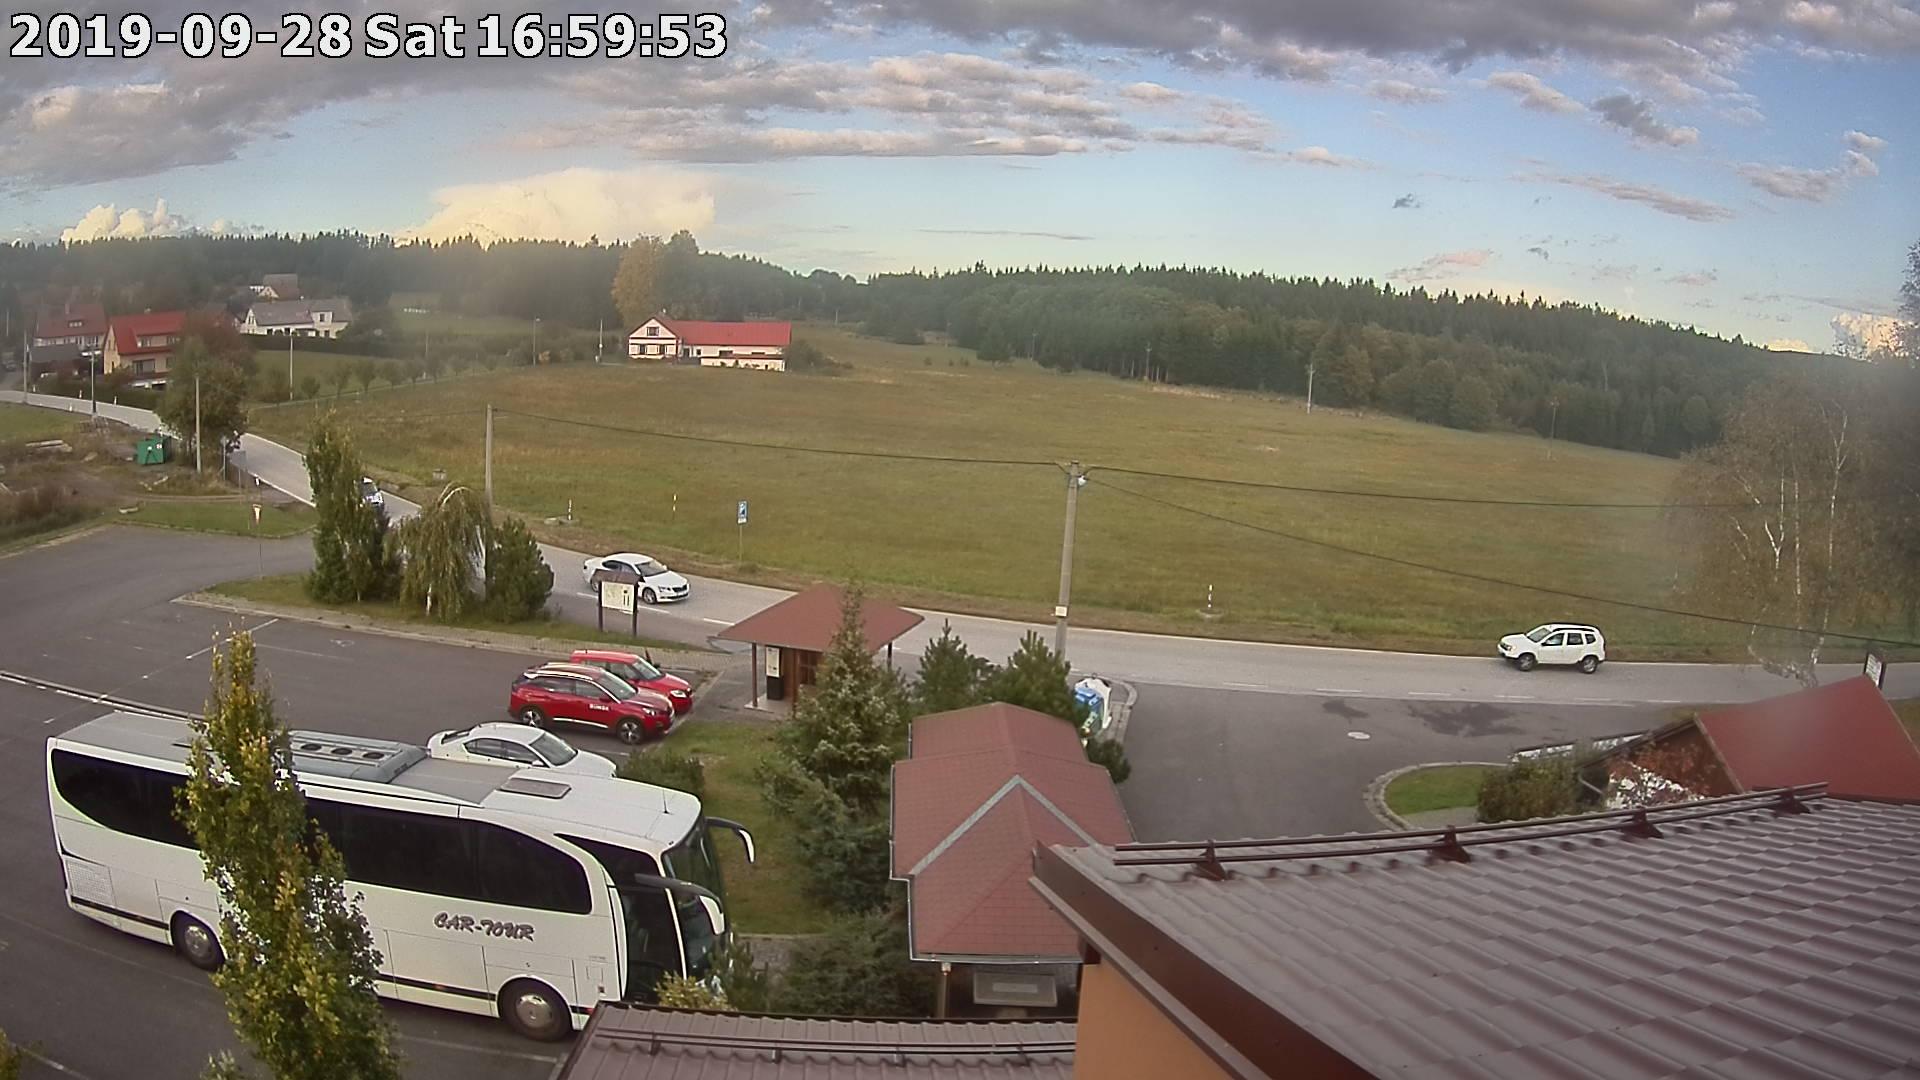 Webkamera ze dne 2019-09-28